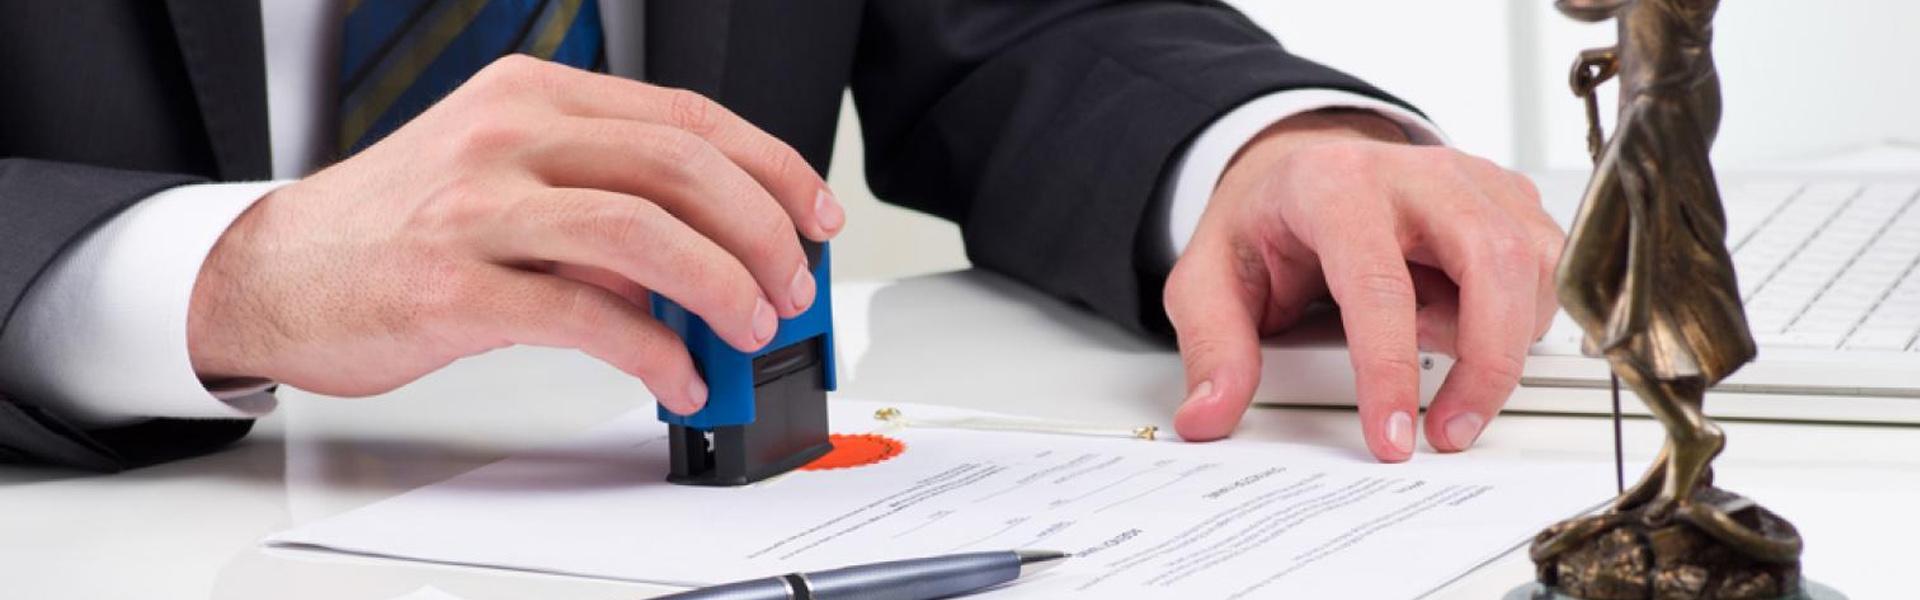 Банкротство юридического лица в Йошкар-Оле и Республике Марий Эл